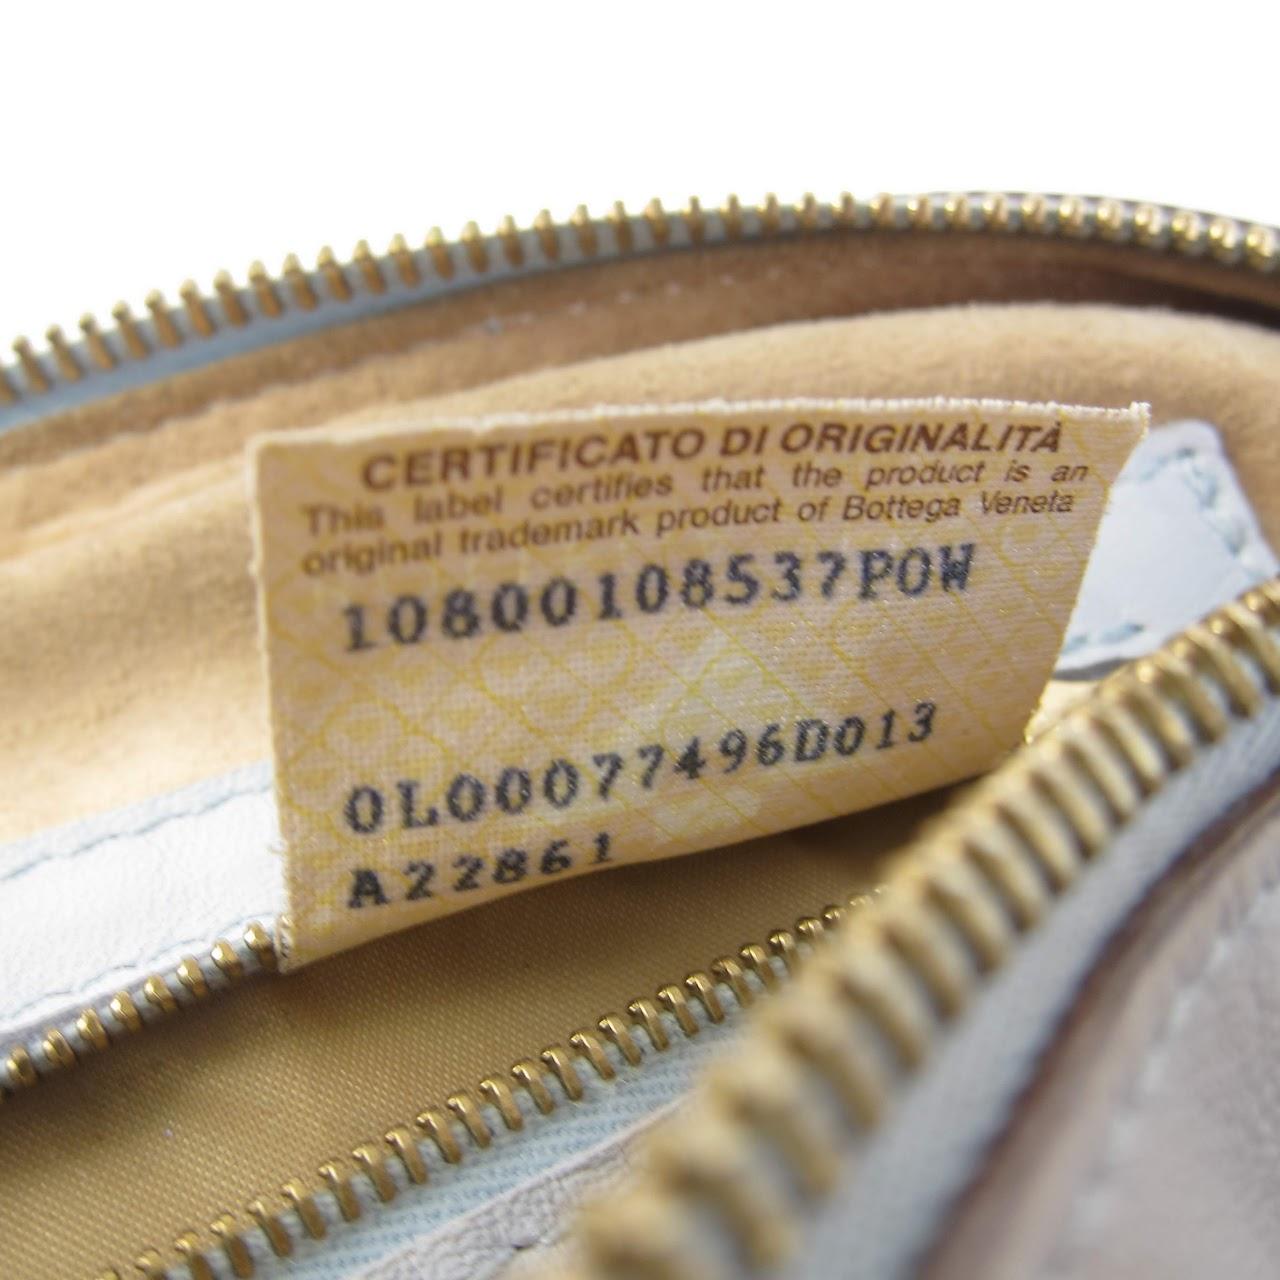 c5760d438aaf Bottega Veneta Vintage Woven Leather Handbag